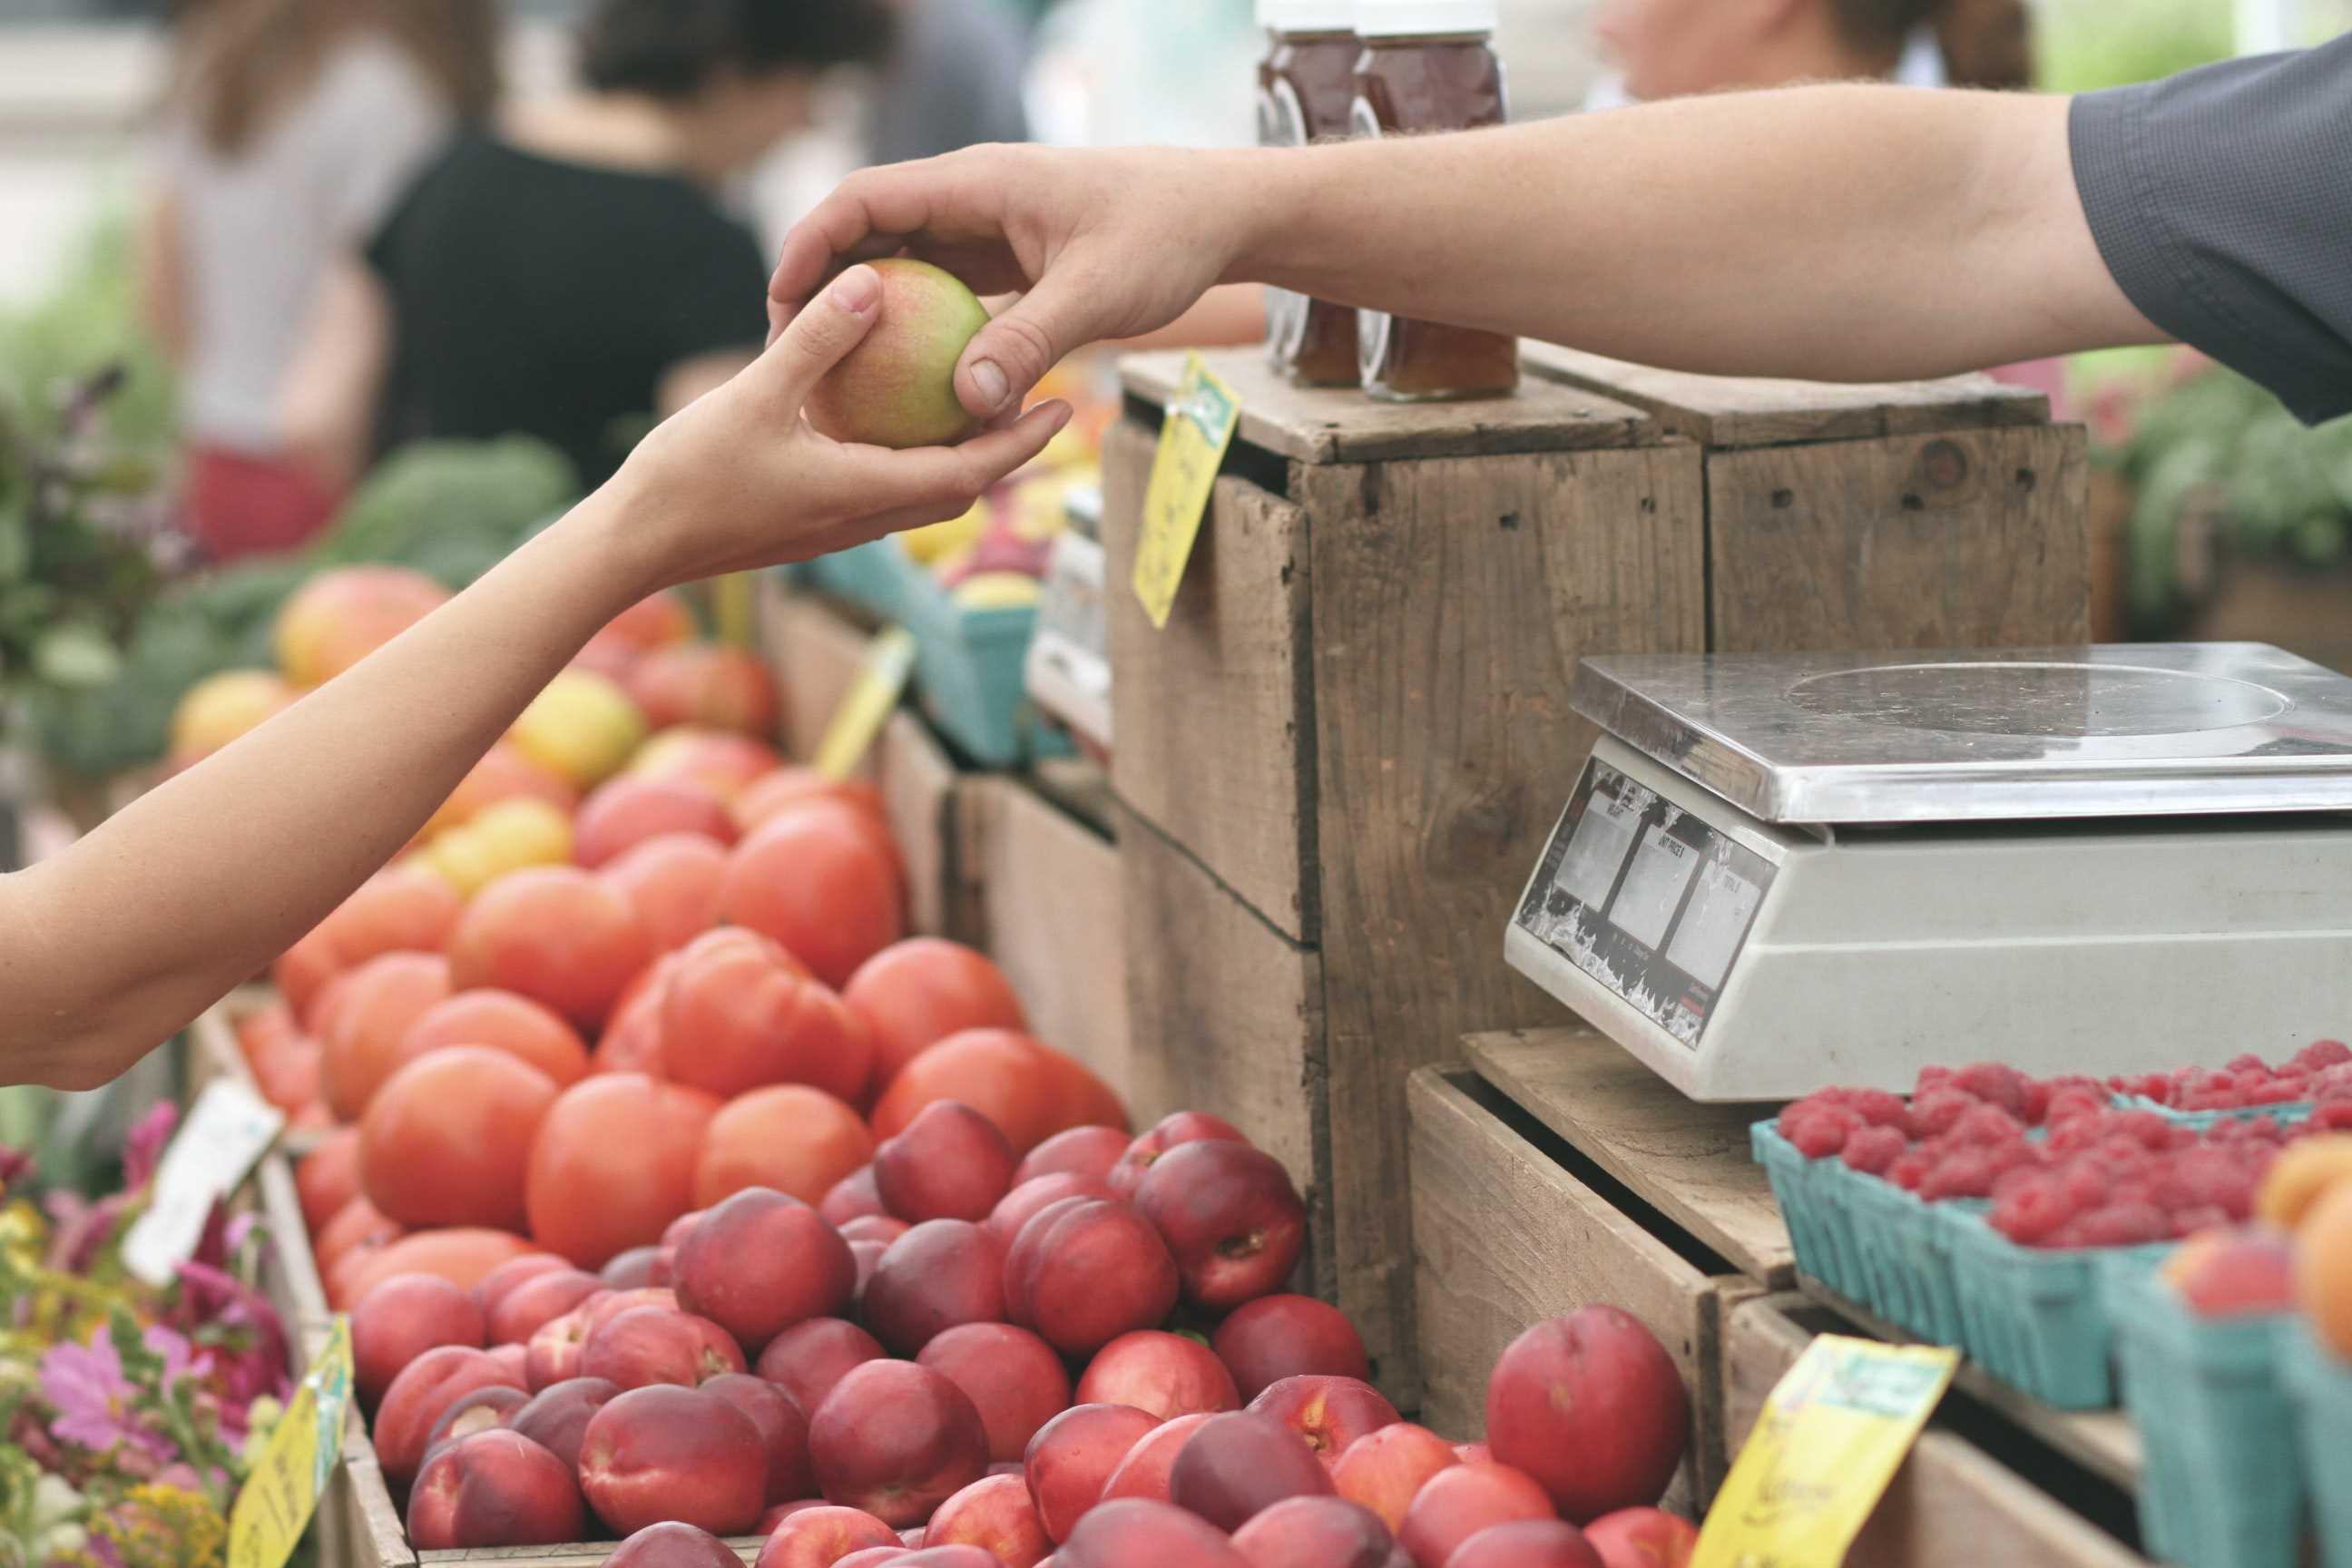 buy apples market